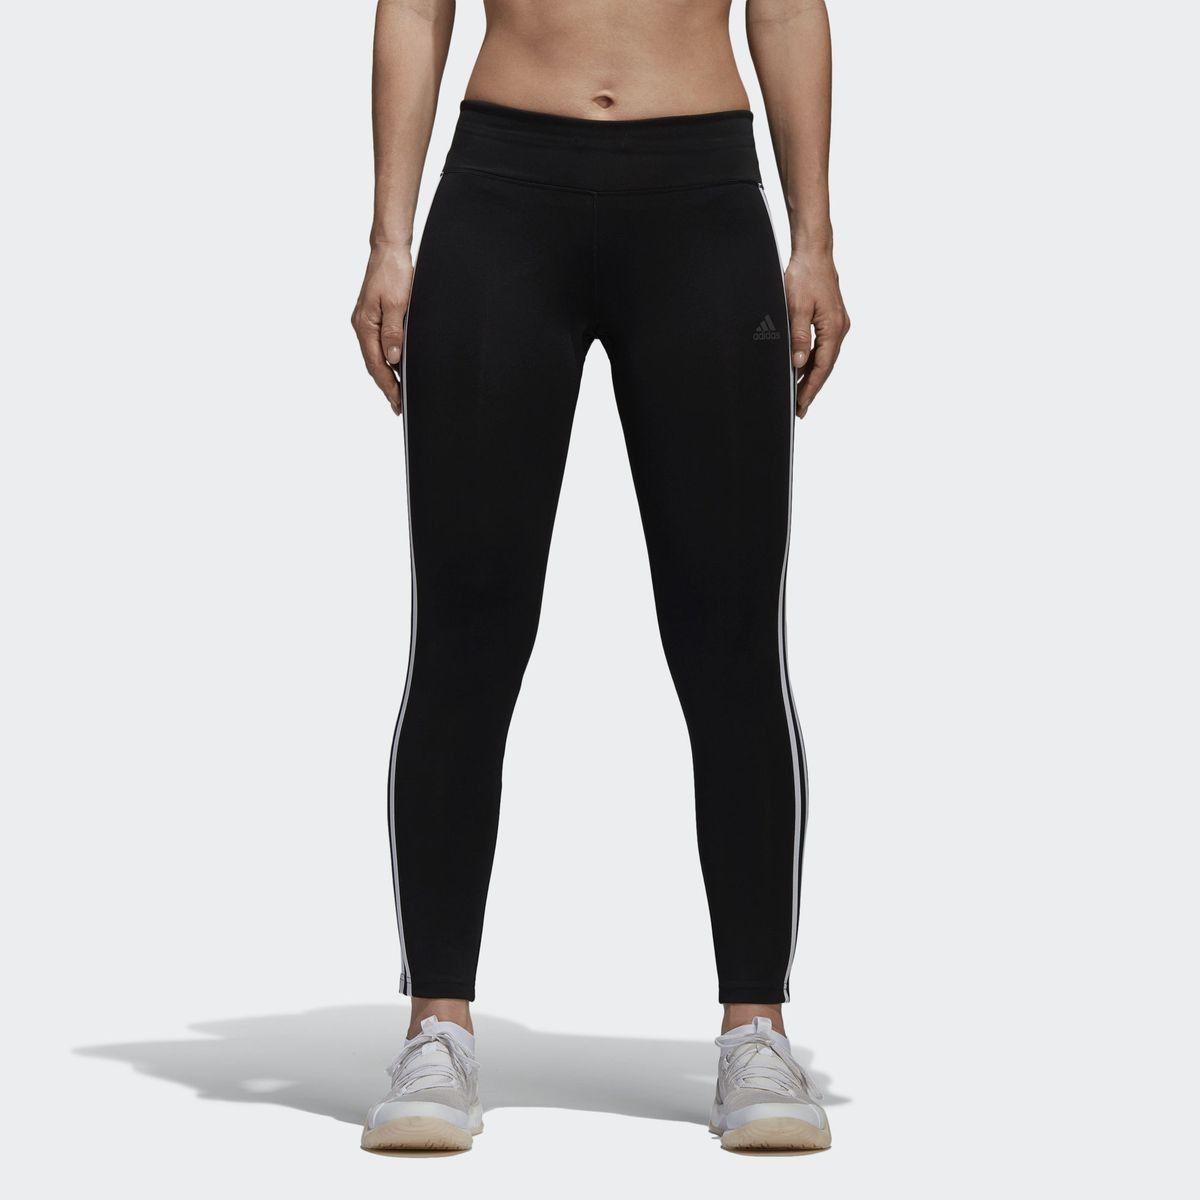 Leggings fitness Athletics | Adidas design, Leggings d